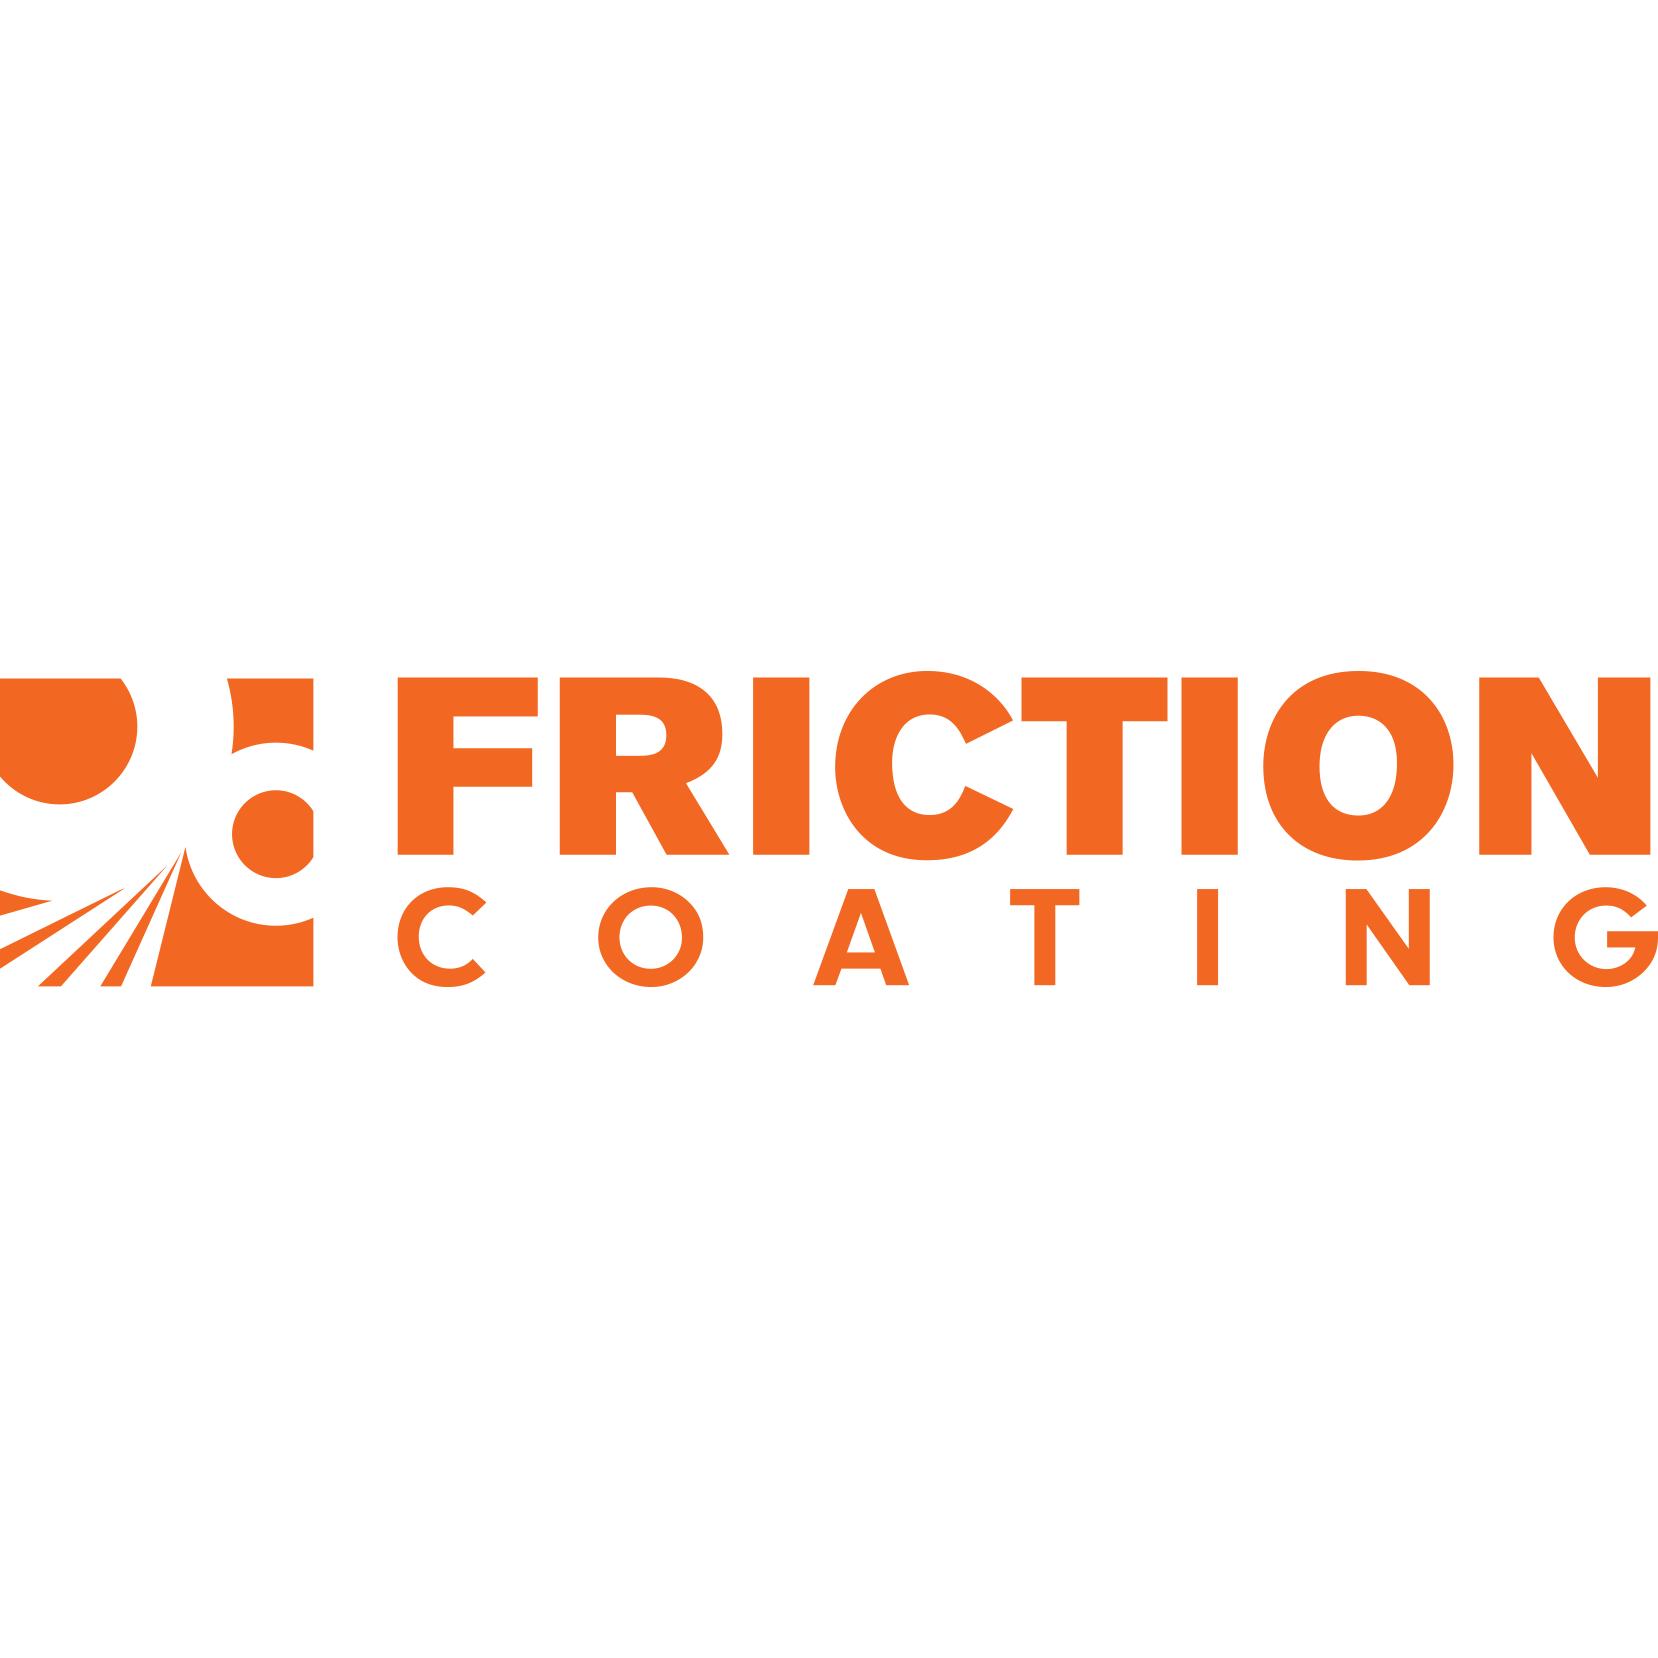 Friction Coating image 0